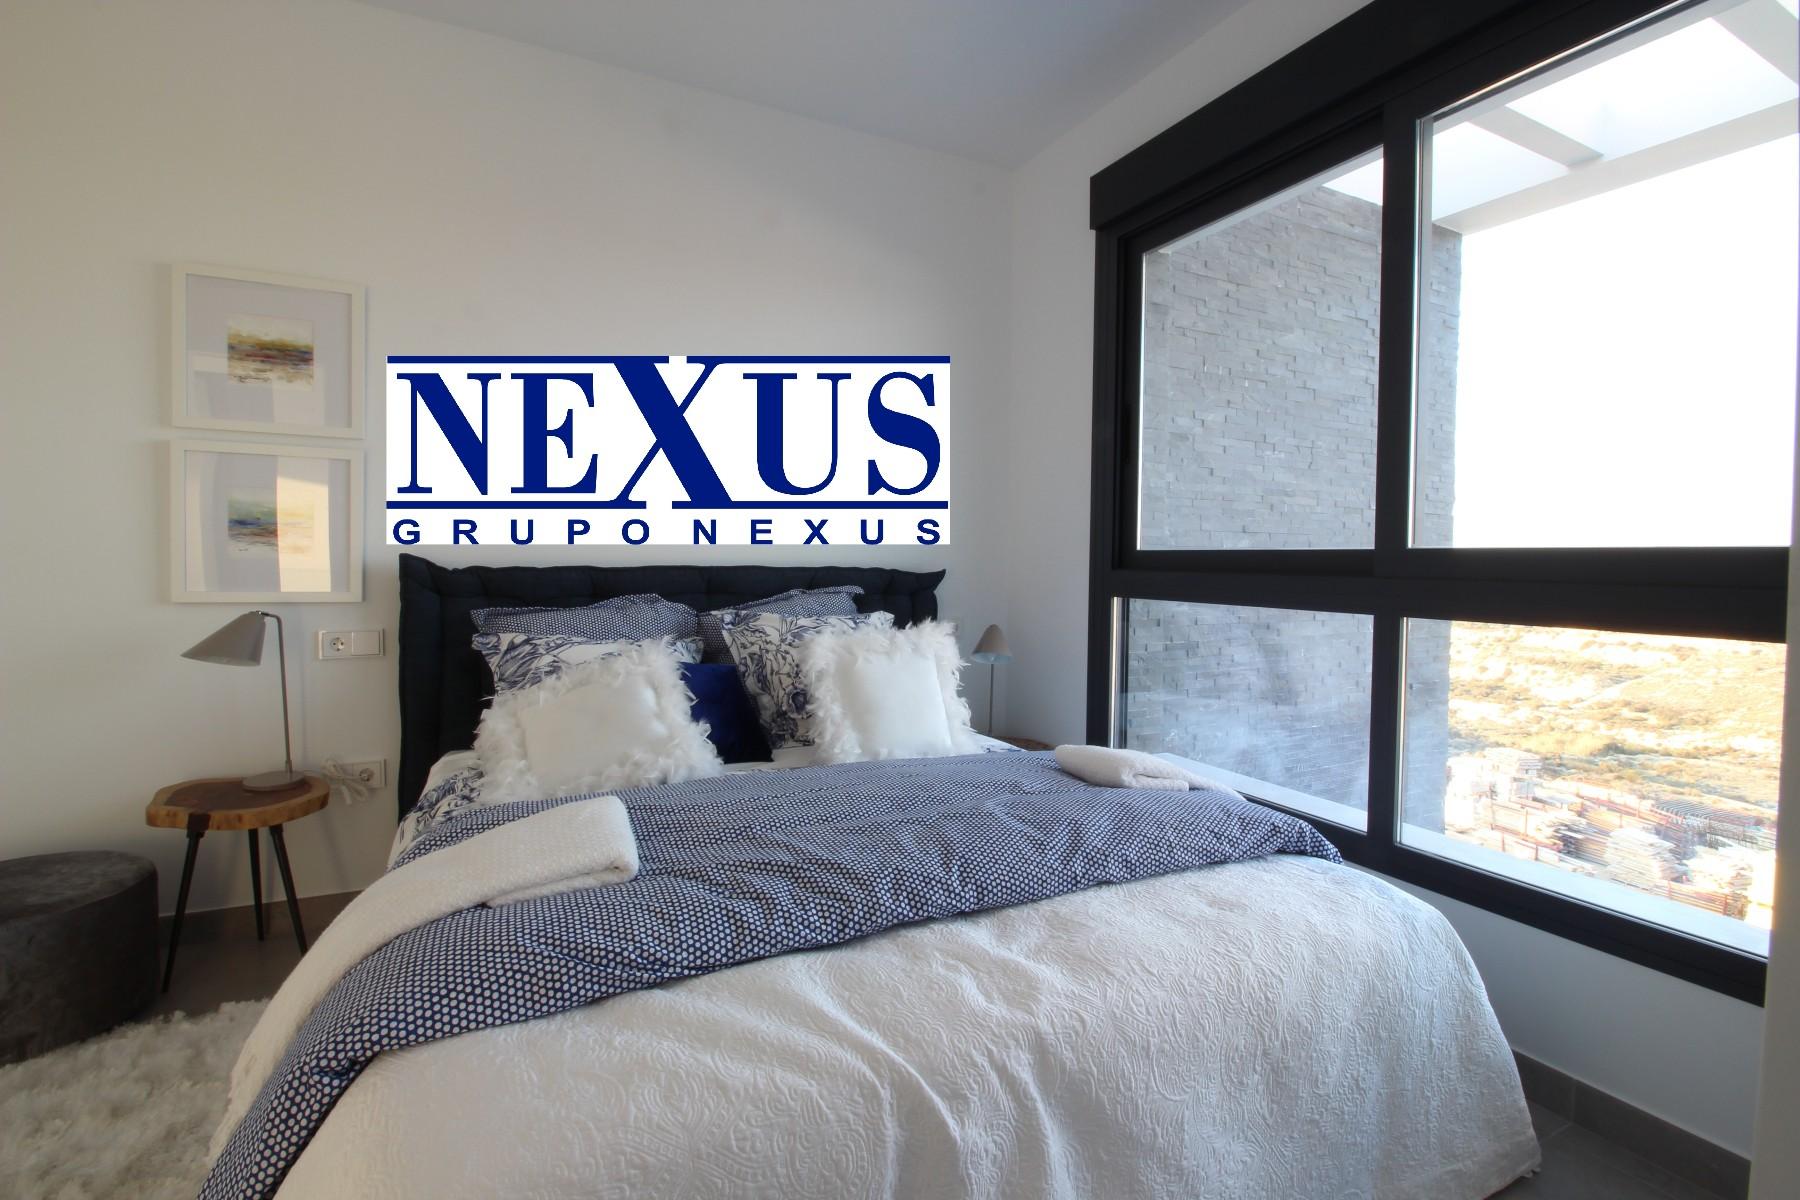 Real Estate Group Nexus, Sells Luxury Villa, in Nexus Grupo